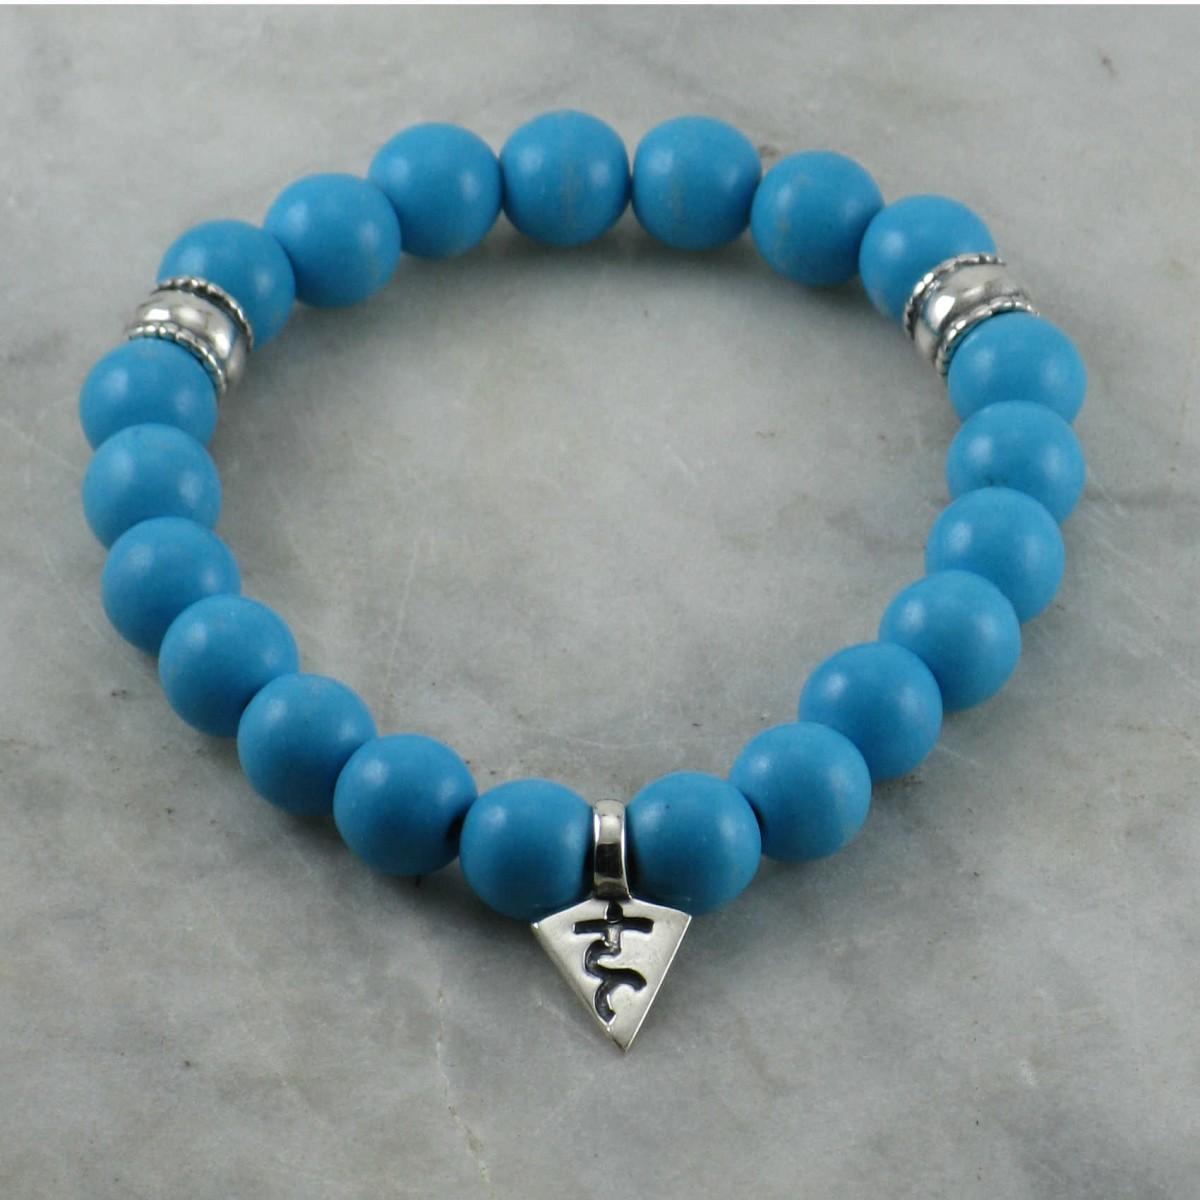 Communication_Throat_Chakra_Mala_Bracelet_21_Turquoise_Mala_Beads